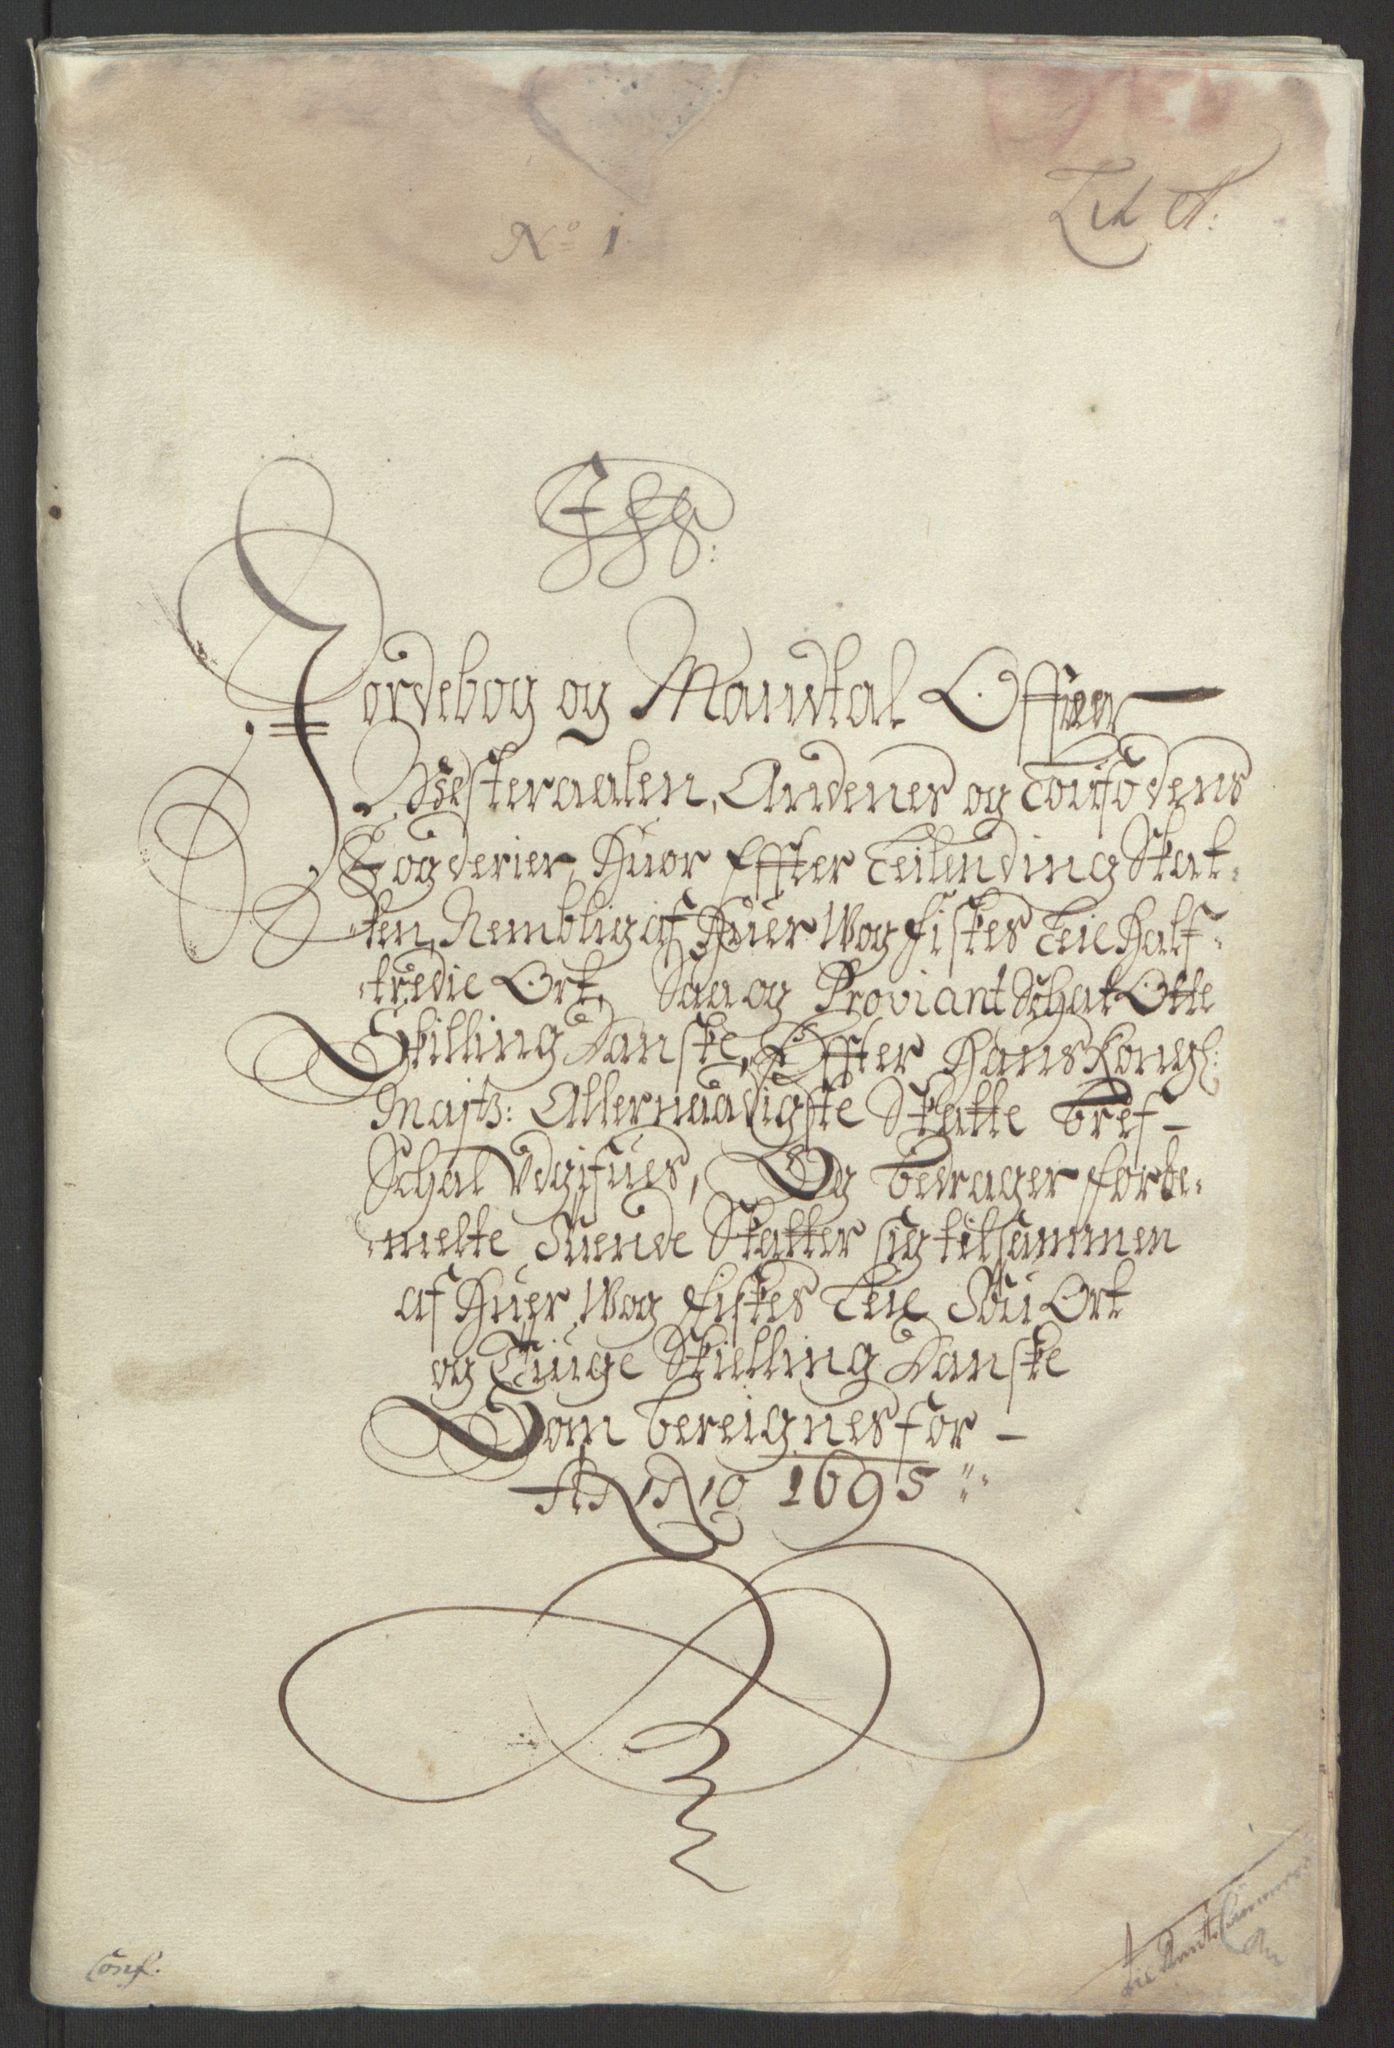 RA, Rentekammeret inntil 1814, Reviderte regnskaper, Fogderegnskap, R67/L4677: Fogderegnskap Vesterålen, Andenes og Lofoten, 1694-1695, s. 180